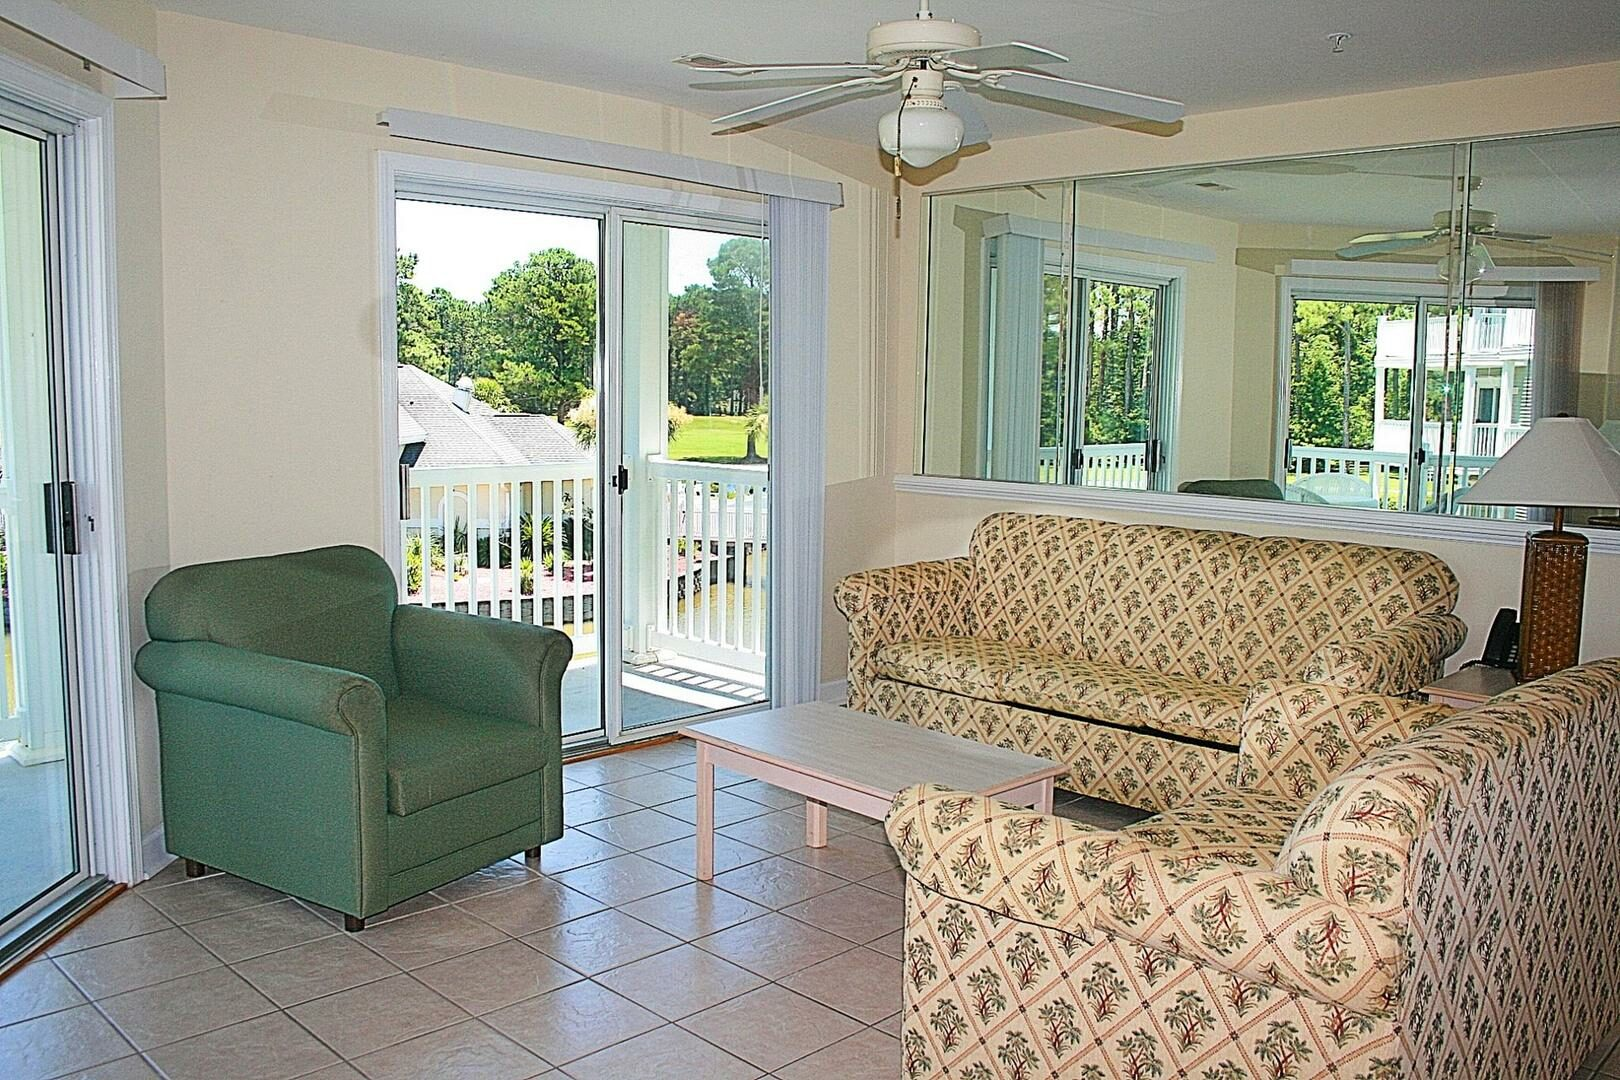 2404 2 Bedroom/2 Bath Villa